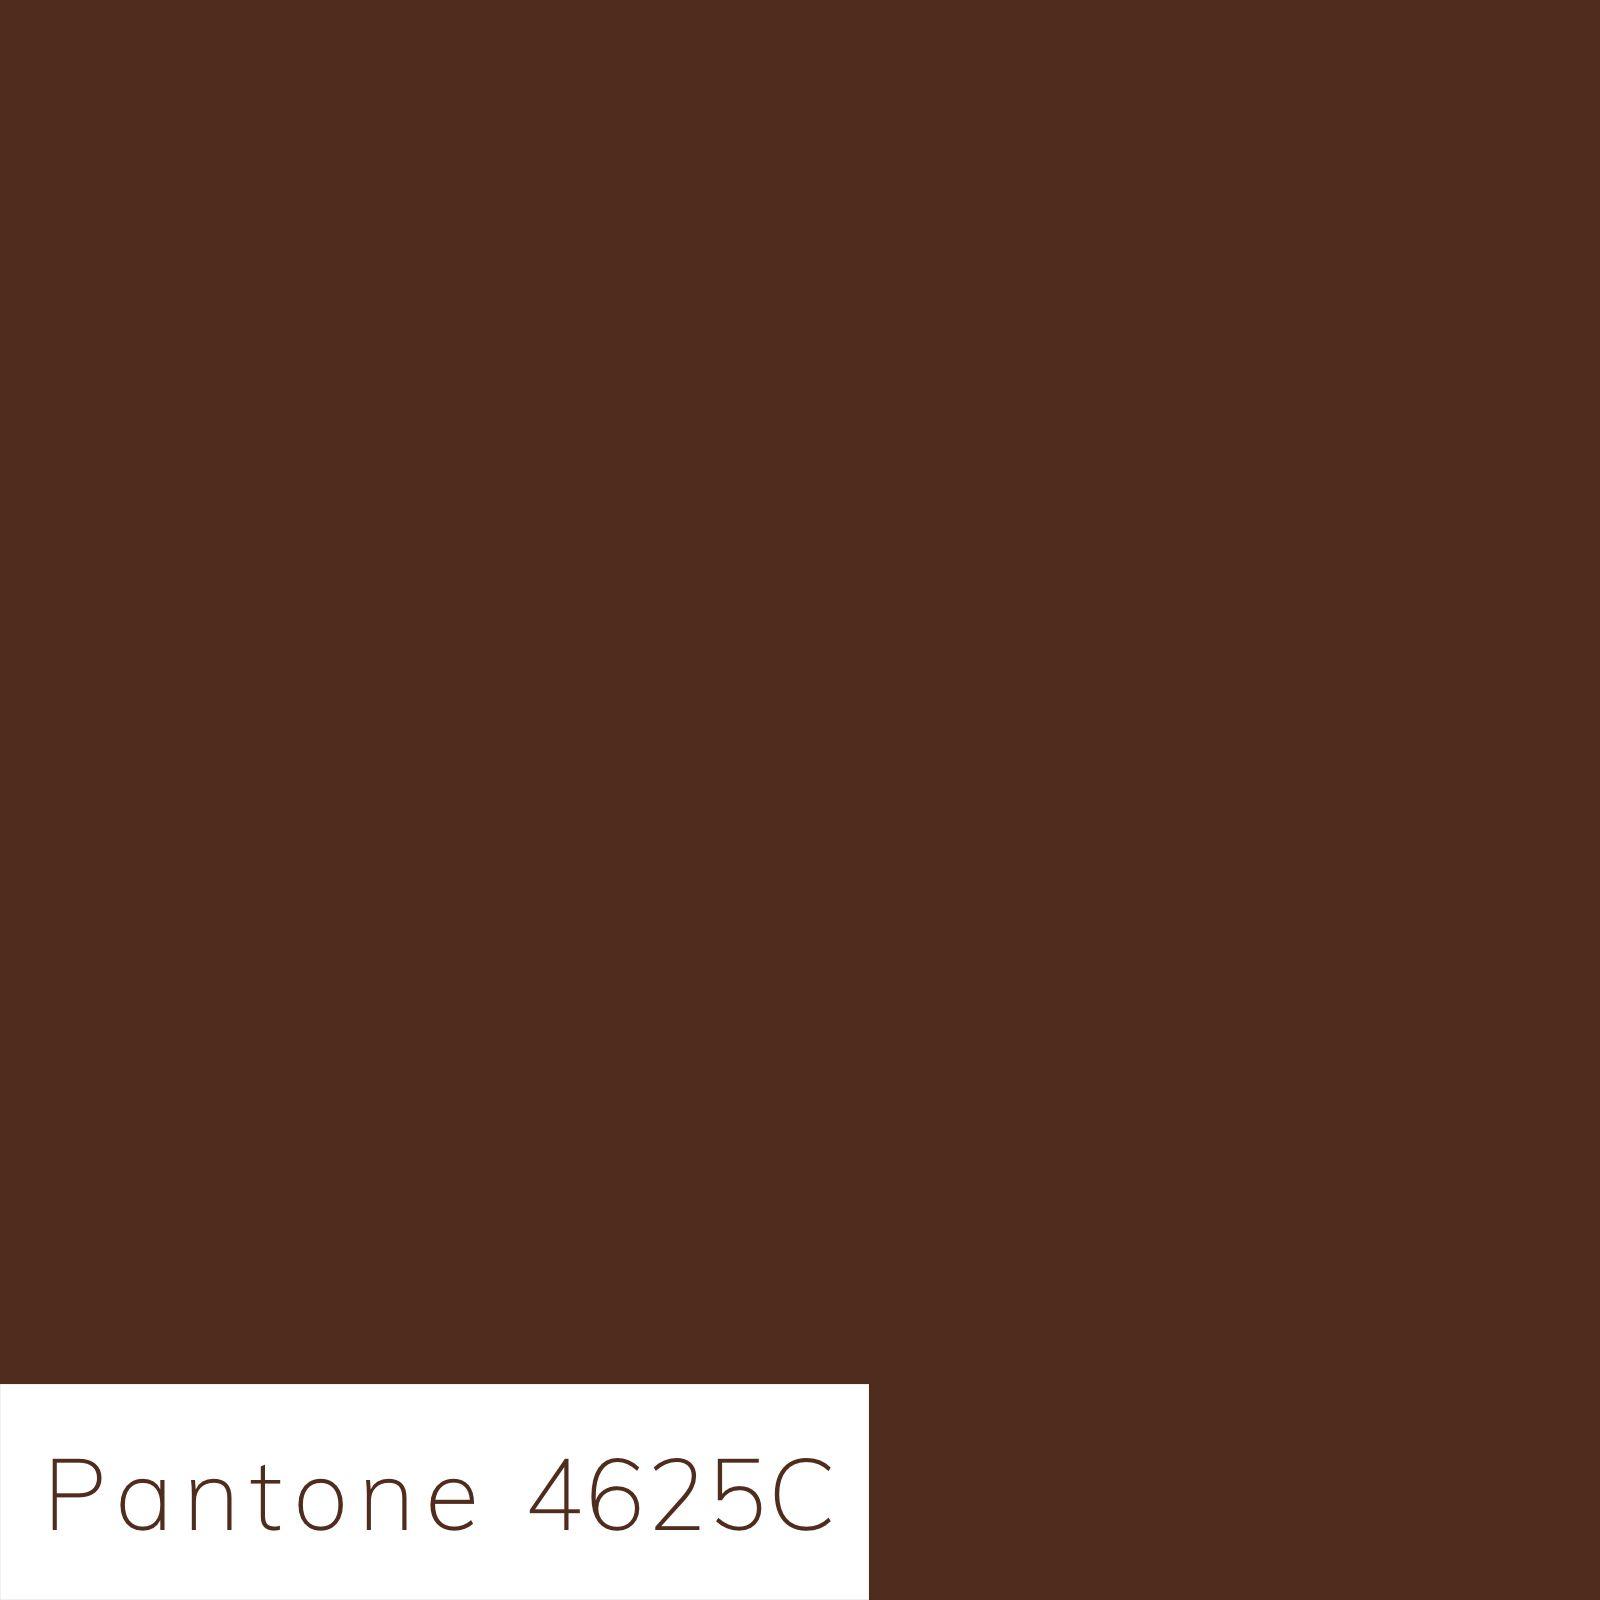 Hot Chocolate Pantone Pantone Brown Pantone Pantone Color